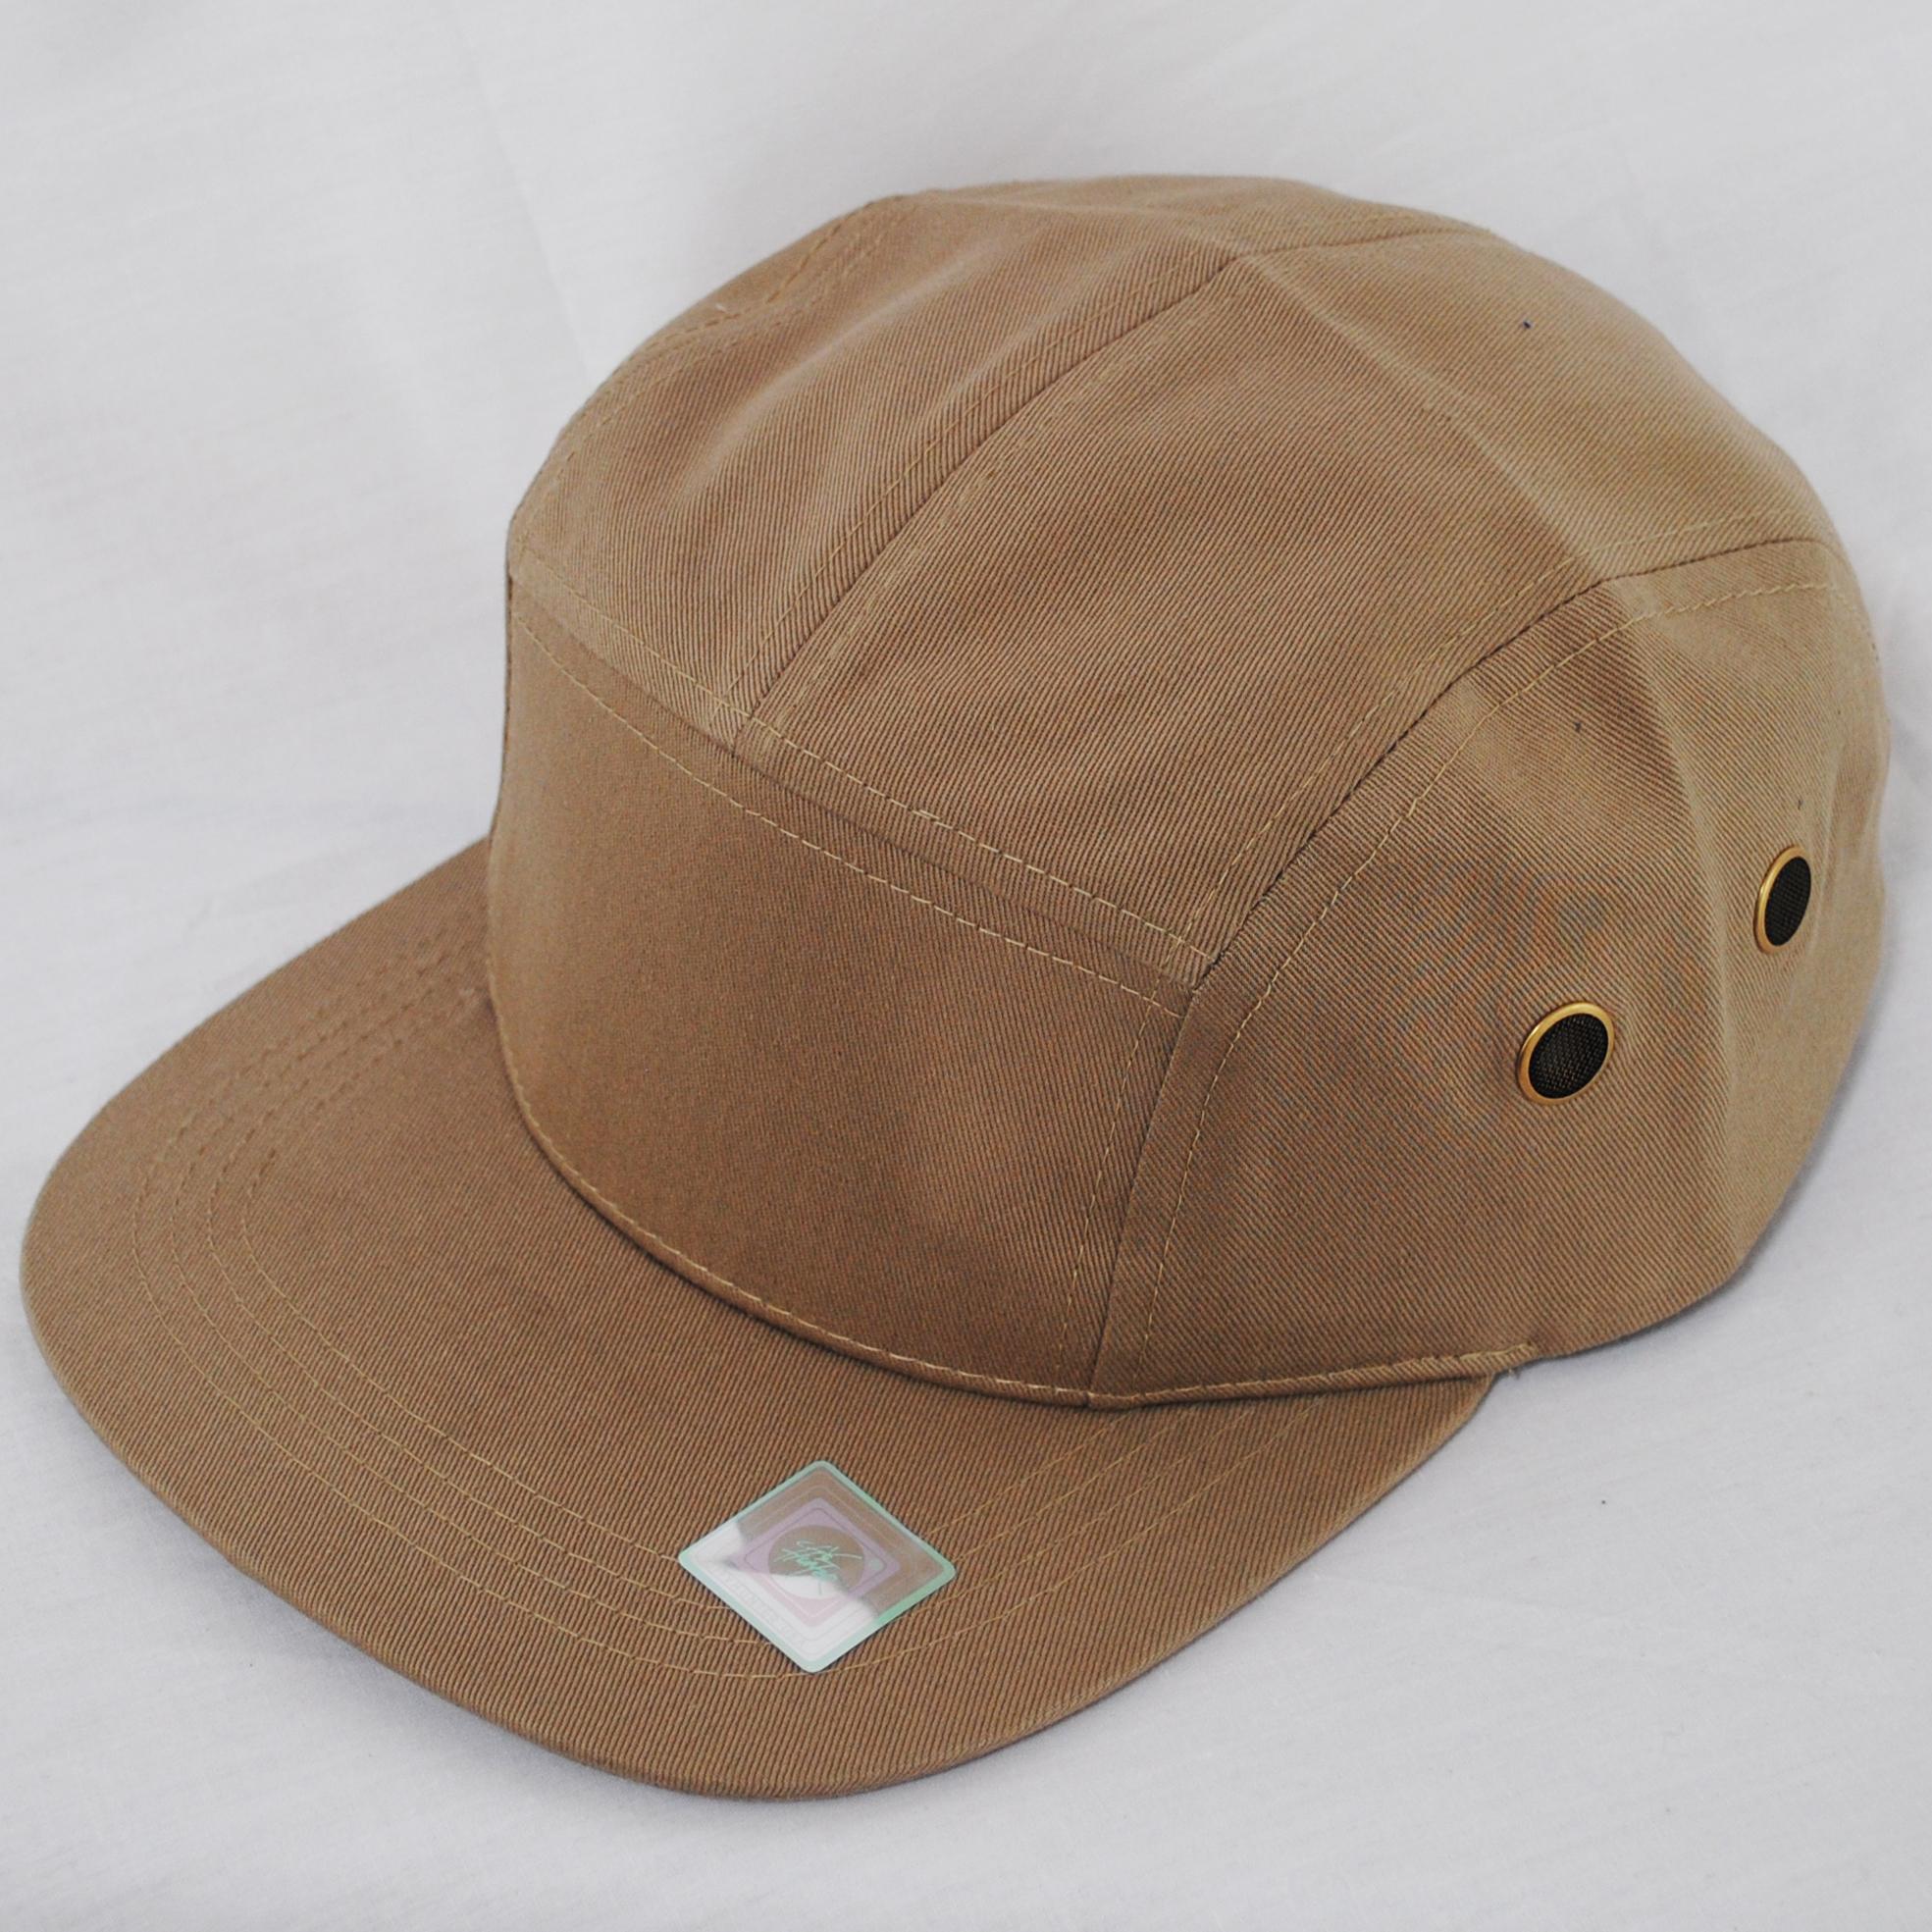 city hunter 5 five panel adjustable strap back baseball hat cap ebay. Black Bedroom Furniture Sets. Home Design Ideas